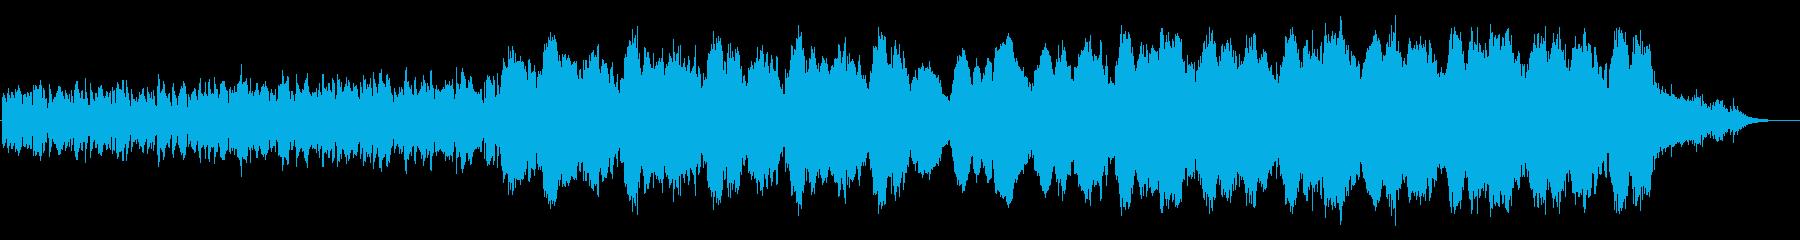 きらびやかなヒーリングミュージックの再生済みの波形